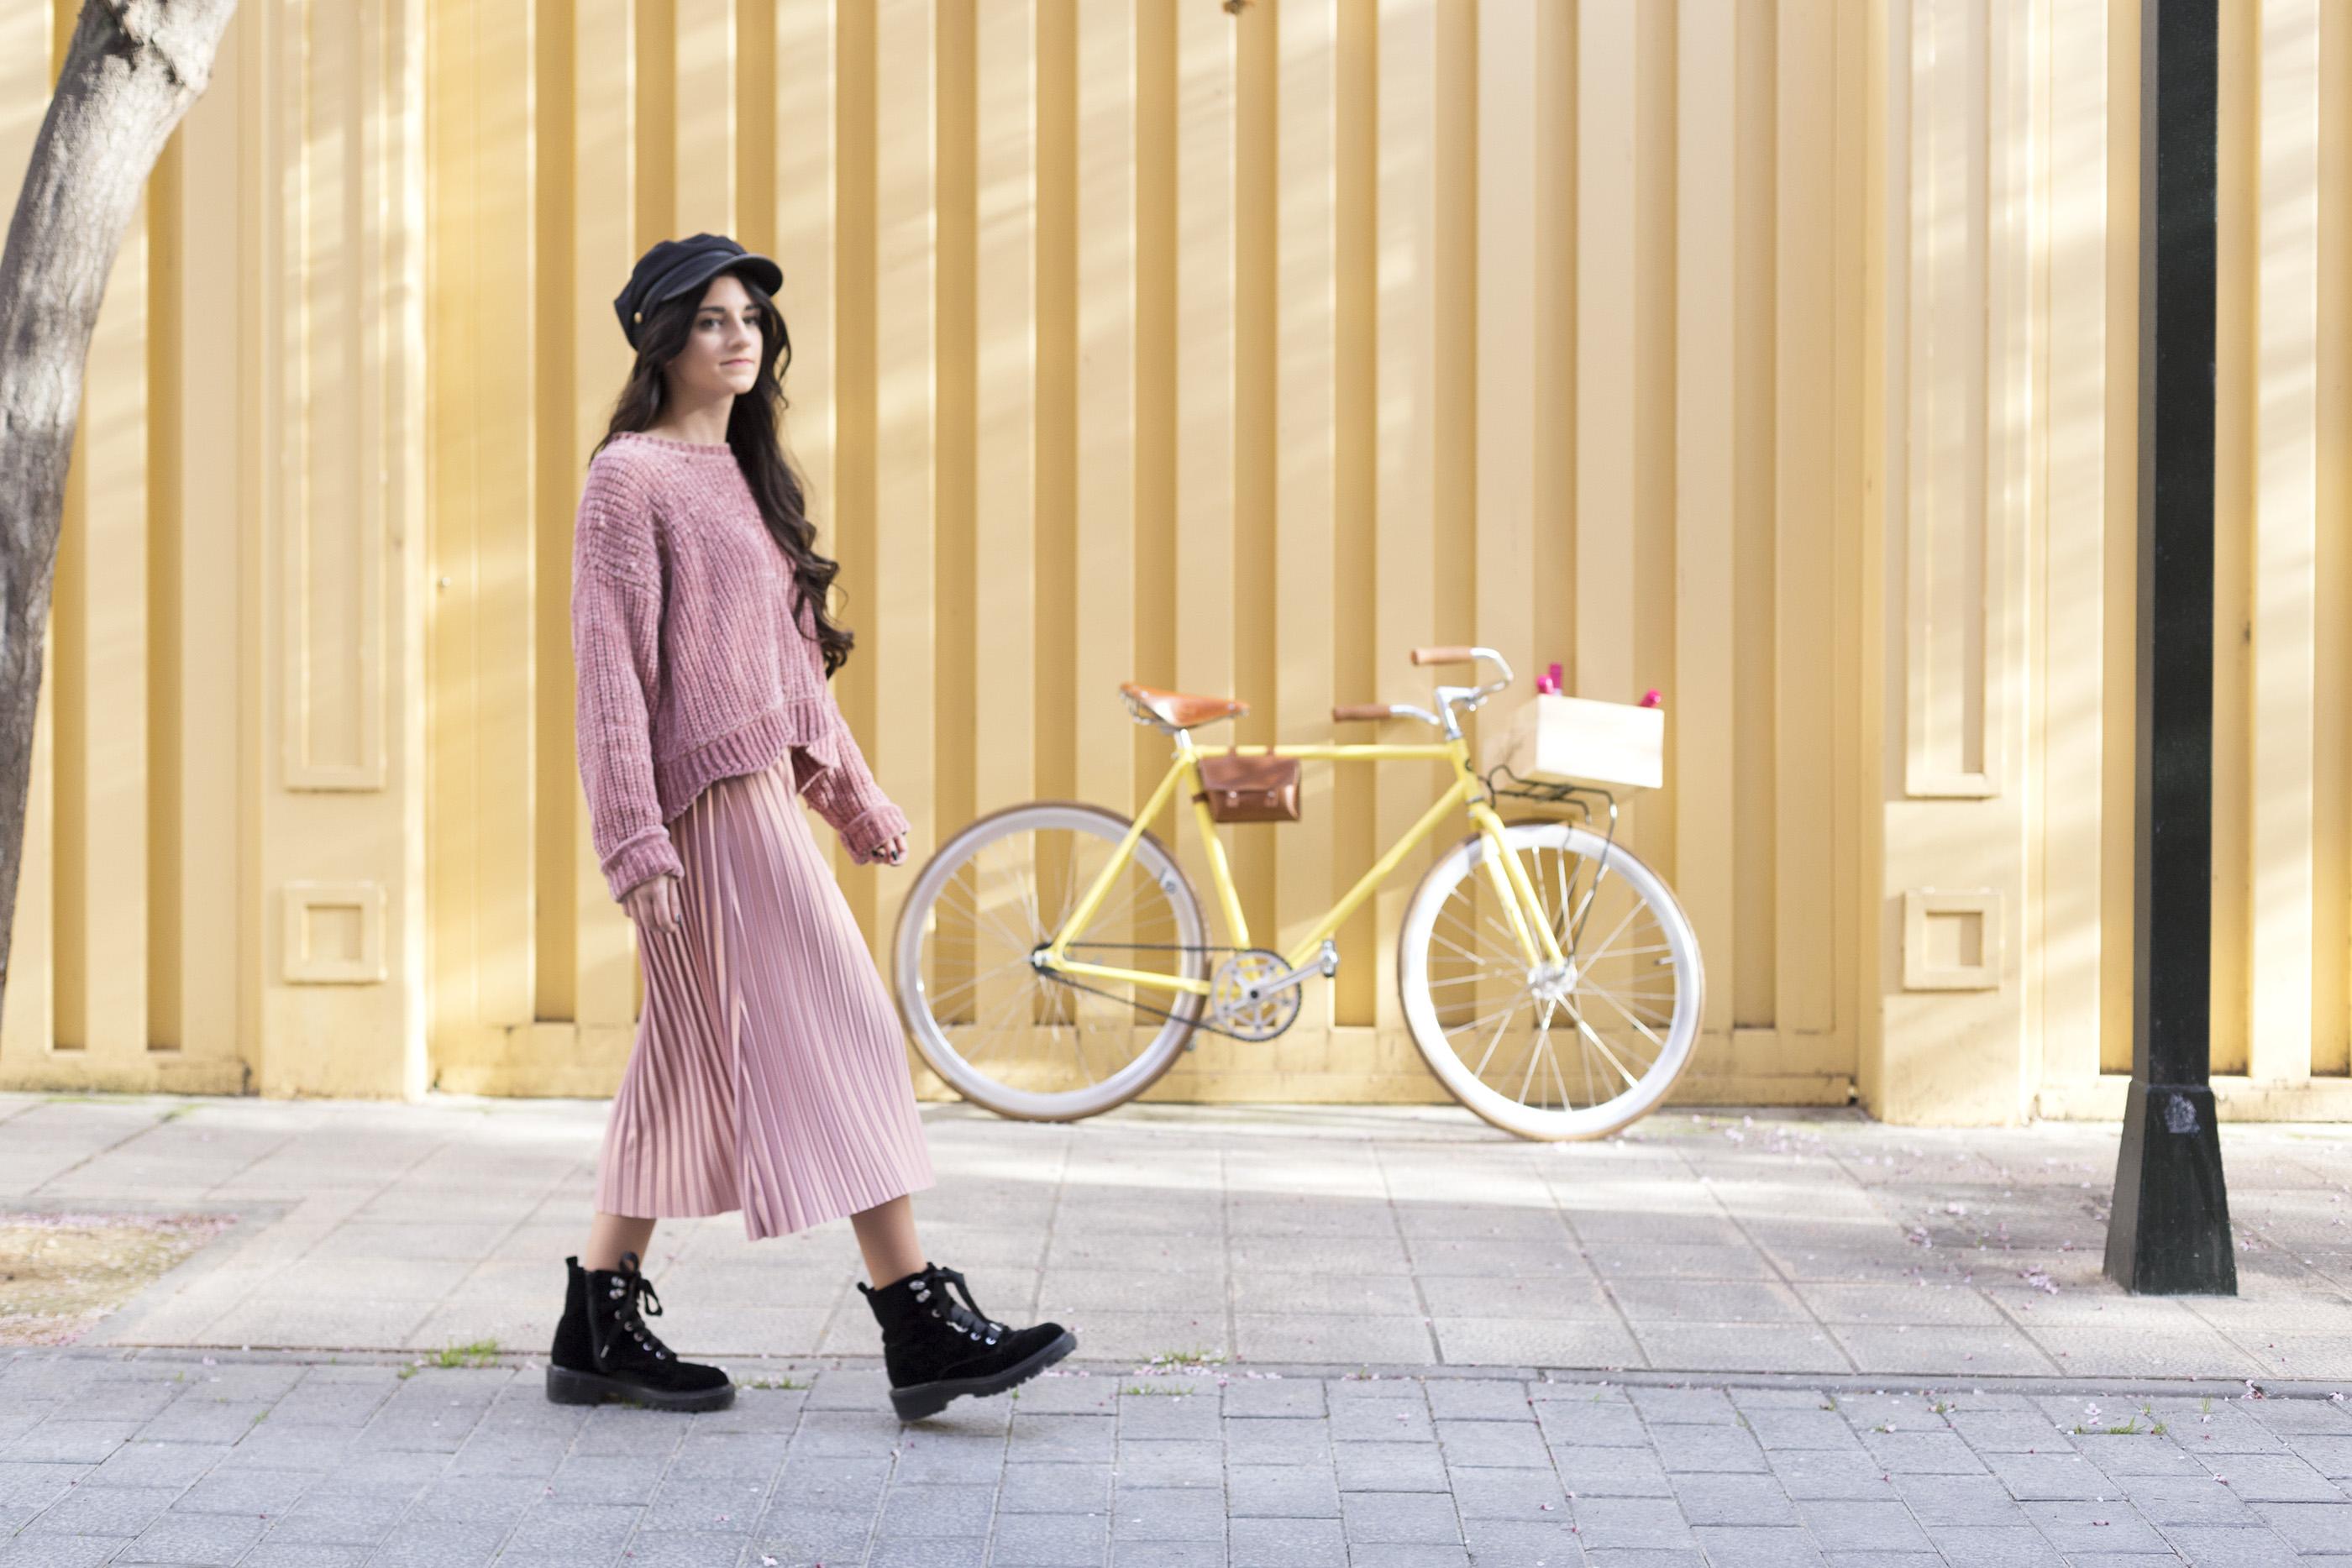 Look moda primavera con @almucaste, Almudena Castellano, en Atrezzo Peluqueria Zaragoza